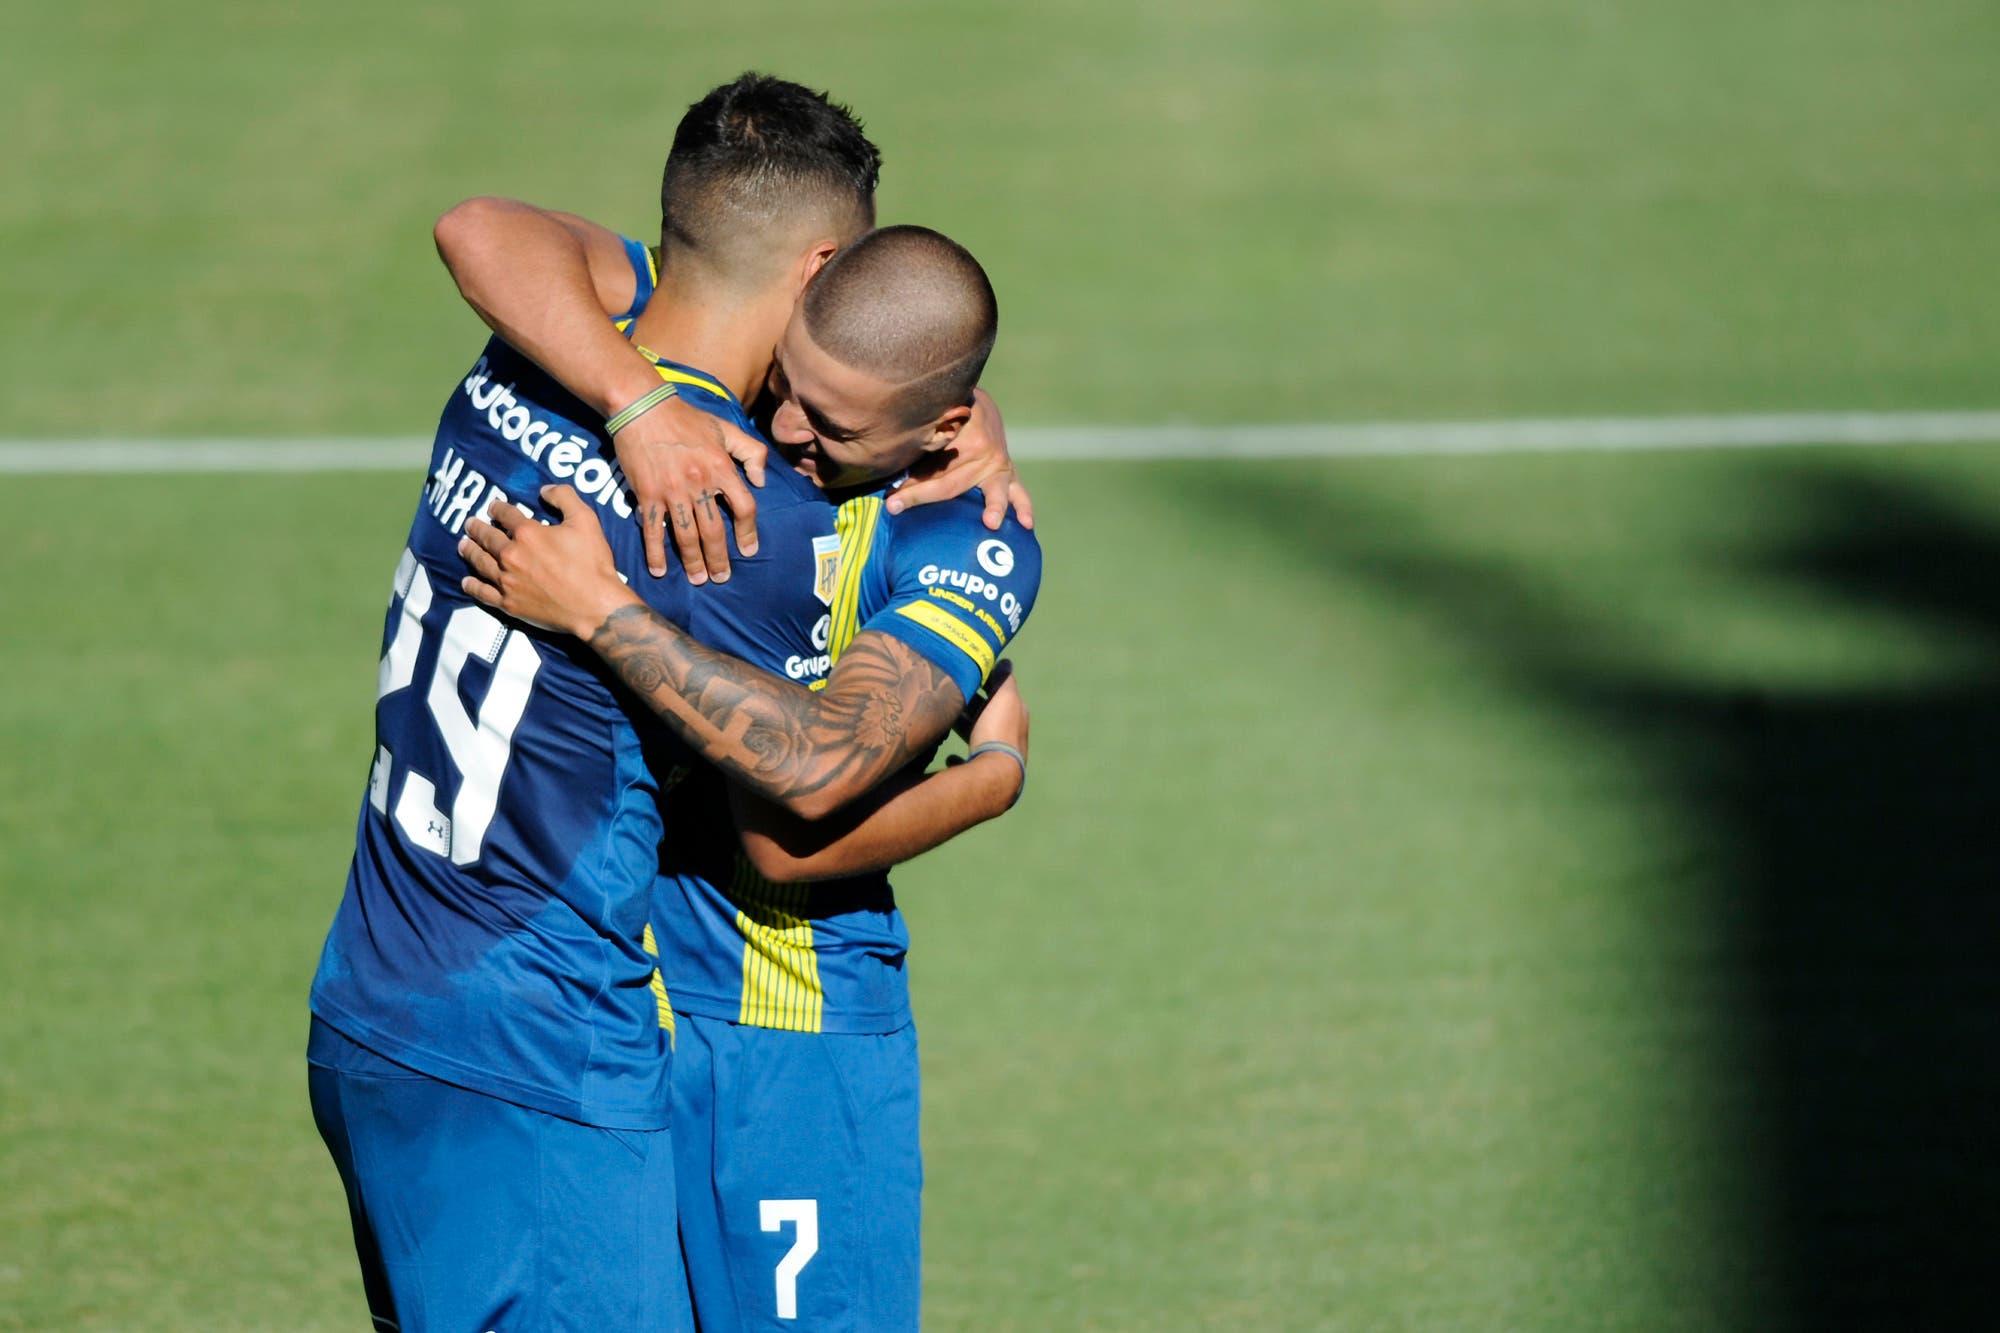 Rosario Central-Patronato, por la Copa Maradona: una goleada 4-0 que fortalece el impulso de los chicos para el equipo del Kily González